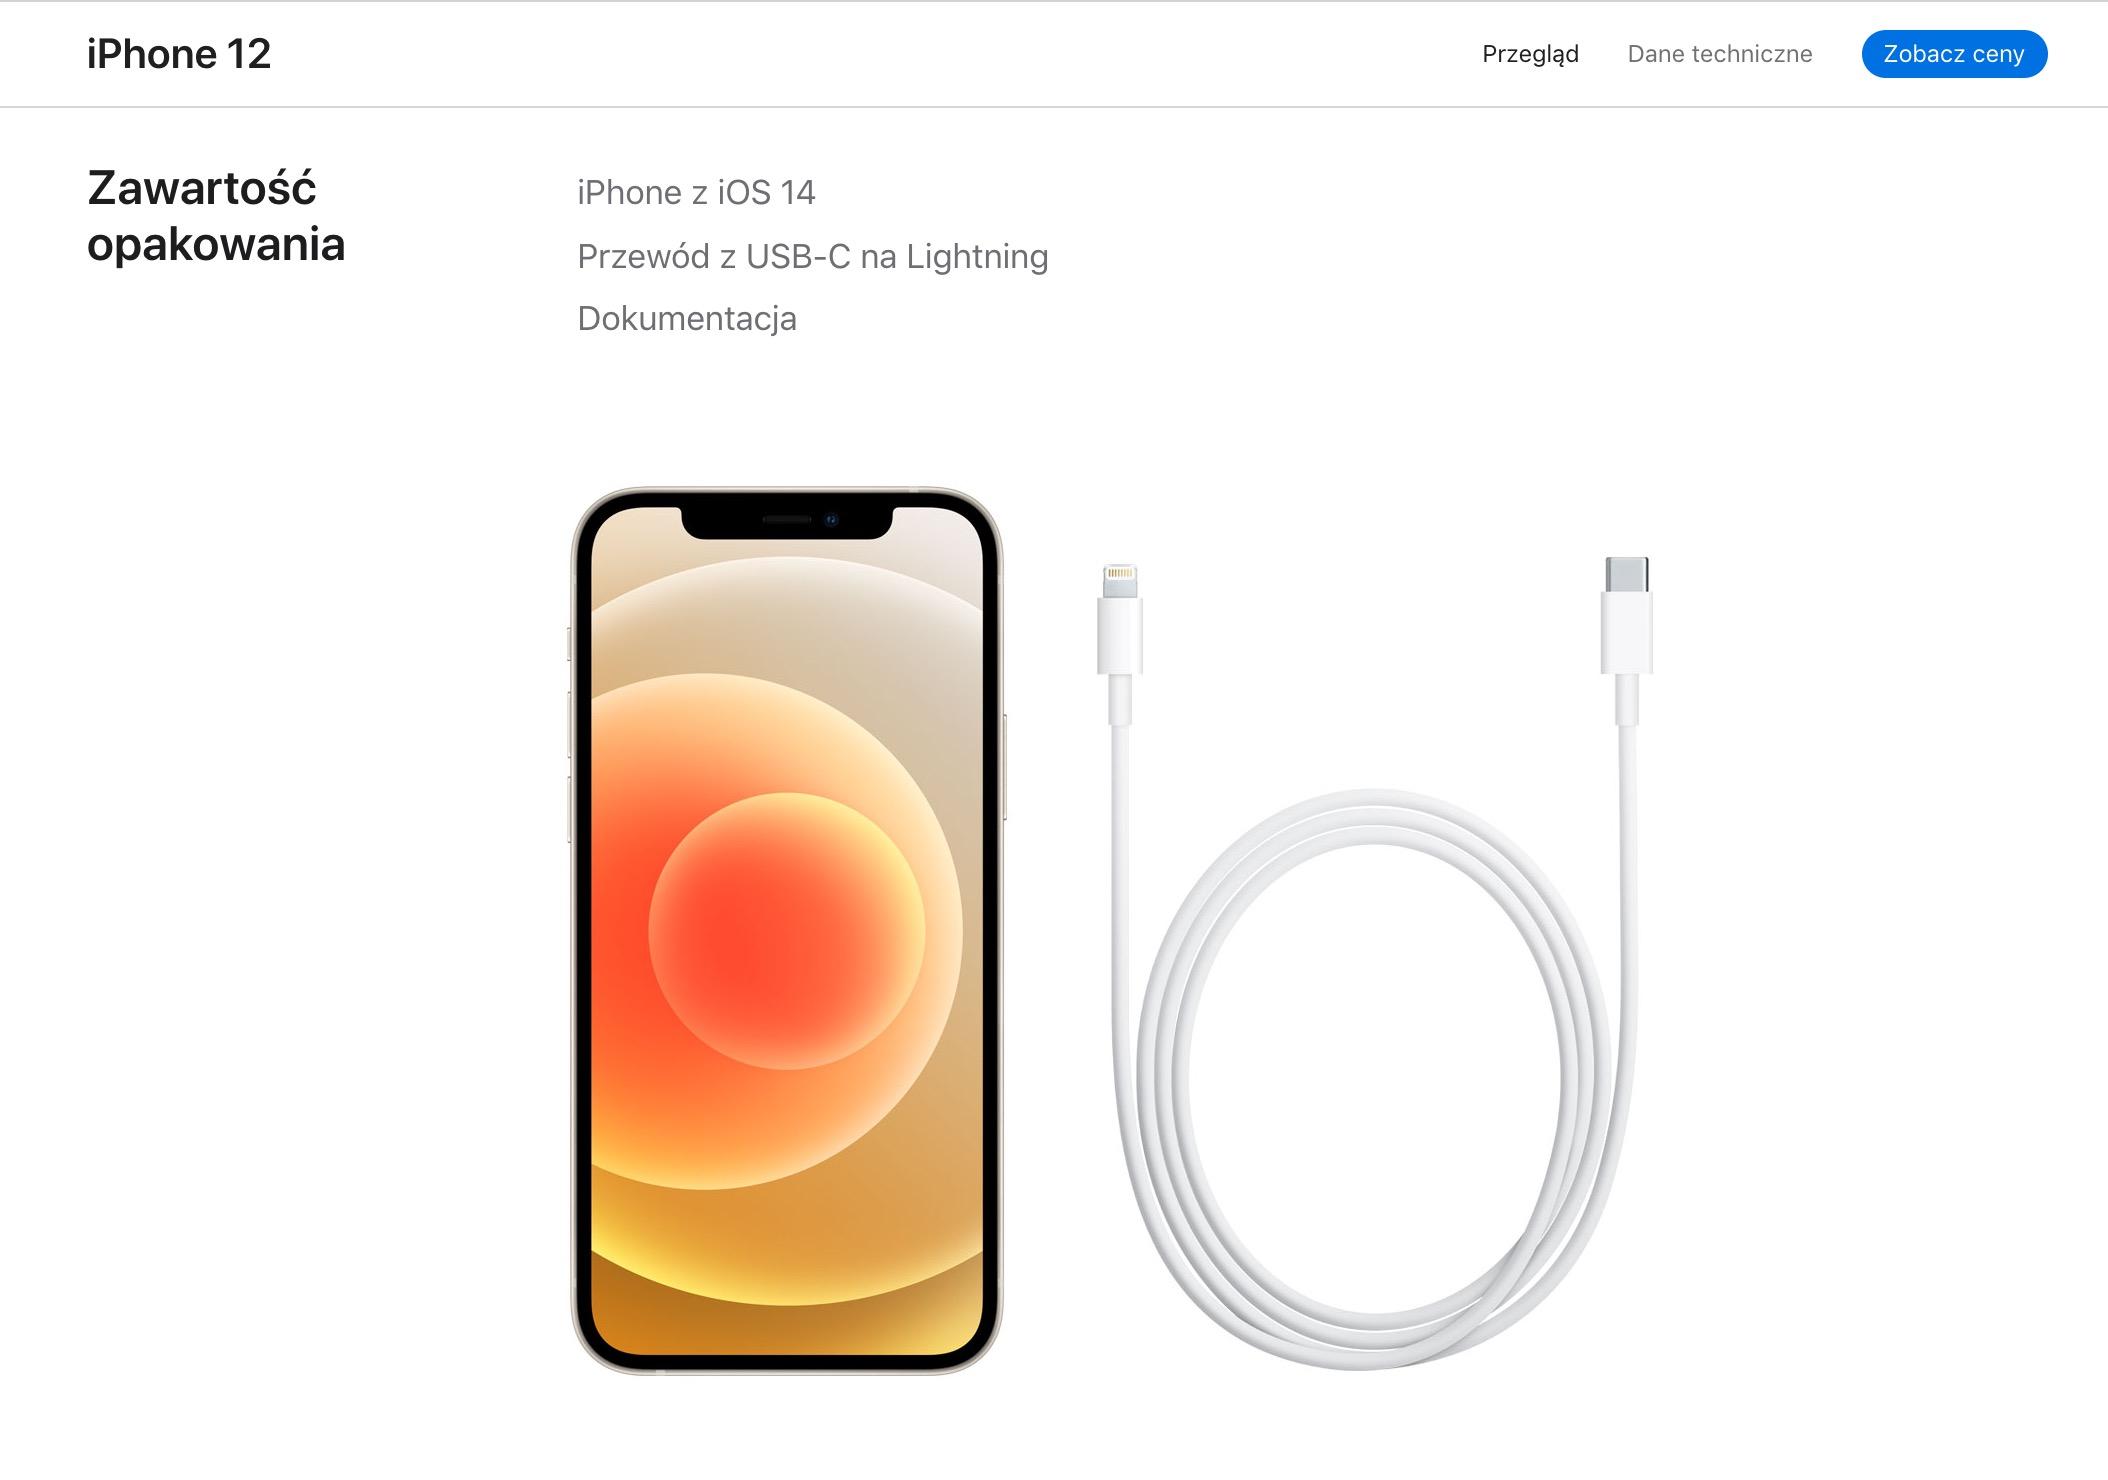 iPhone 12 Ładowarka